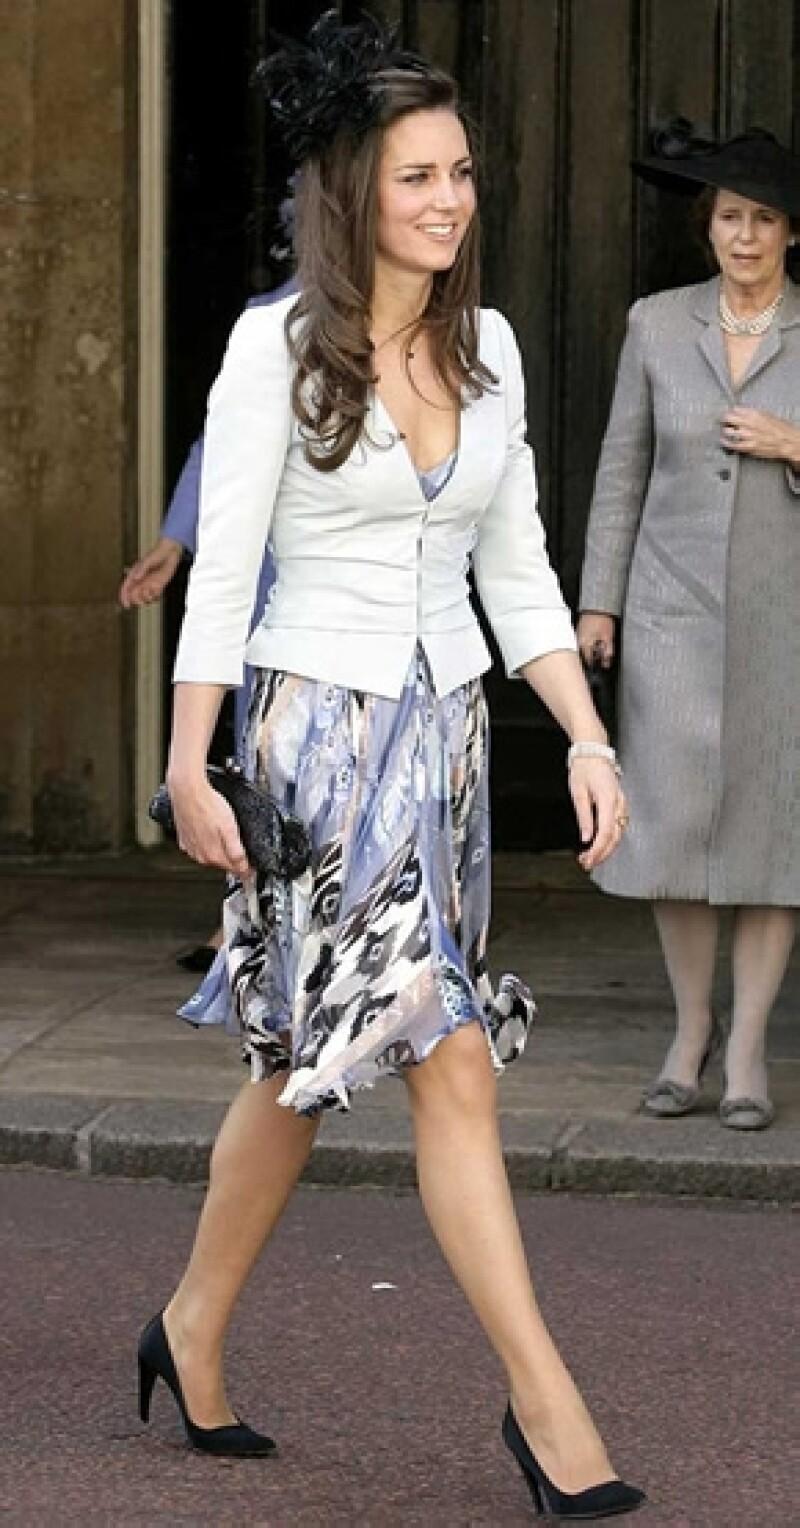 Un saco con buen corte puede darle más clase a su look. Kate Middleton lo aplica a la perfección.